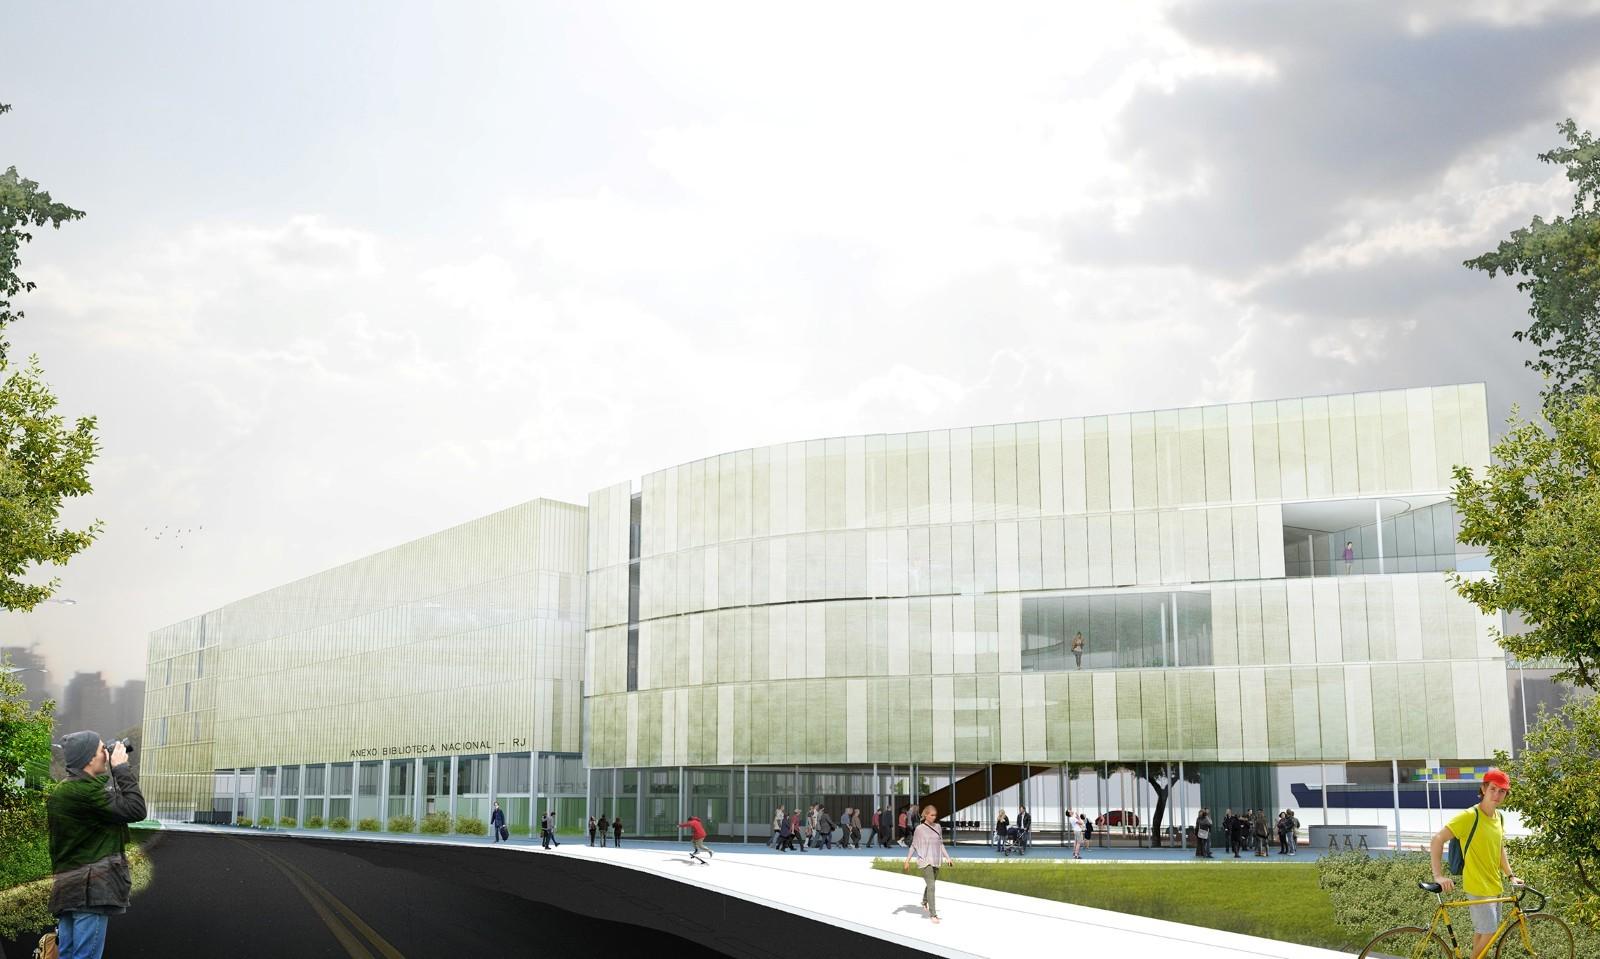 Menção Honrosa no Concurso Anexo da Biblioteca Nacional / Estudio BRA Arquitetura + Mono Arquitetos, Cortesia de Estudio BRA Arquitetura